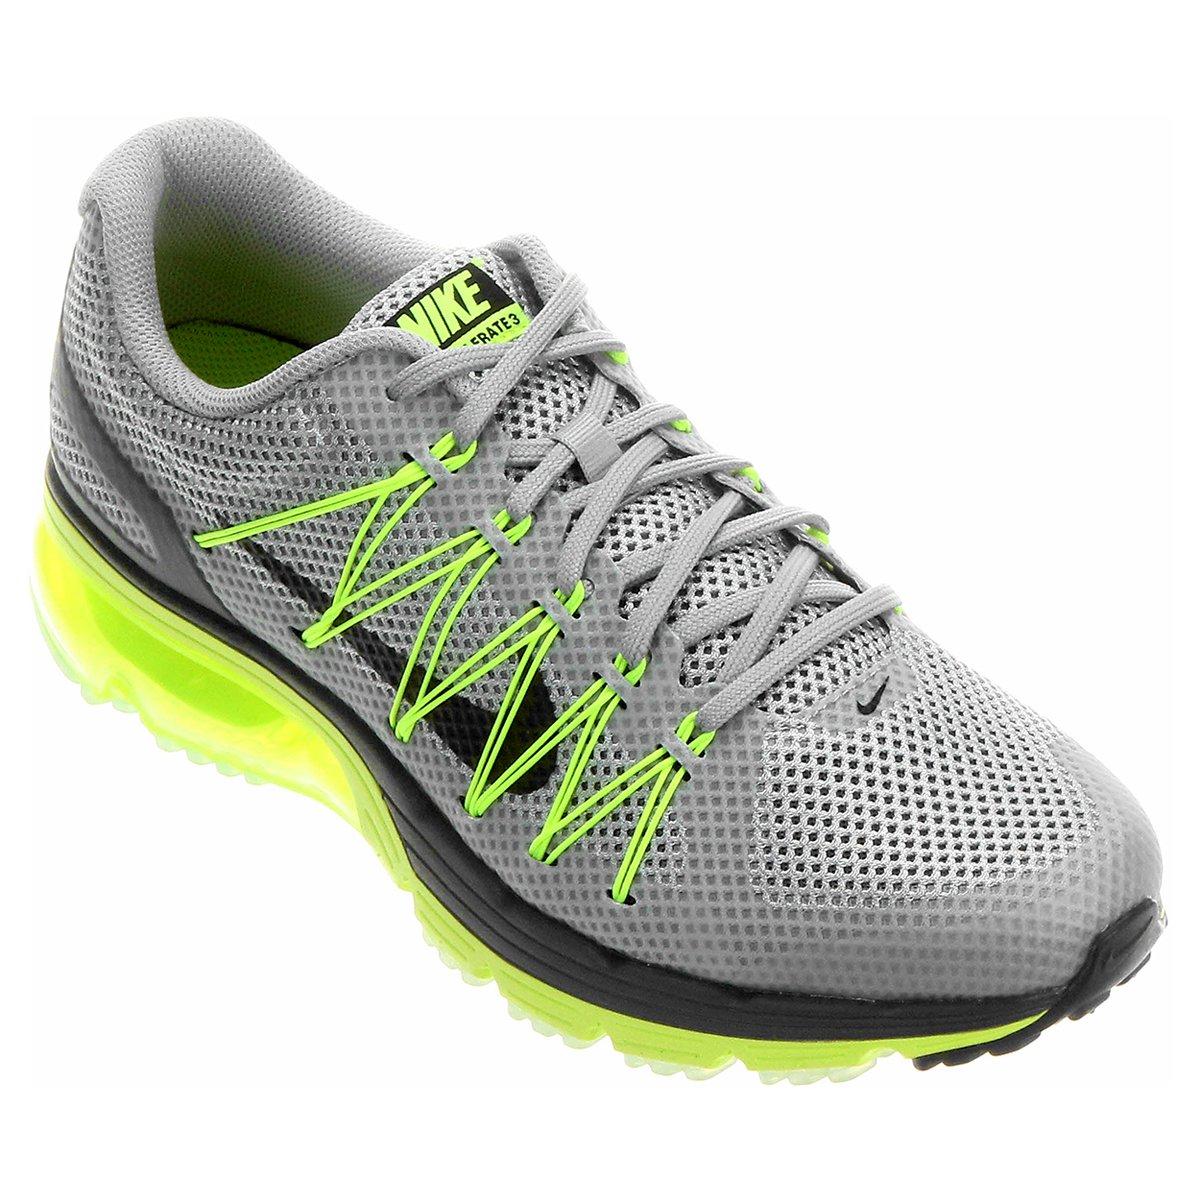 f0d832d14bb Tênis Nike Air Max Excellerate 3 Masculino - Compre Agora